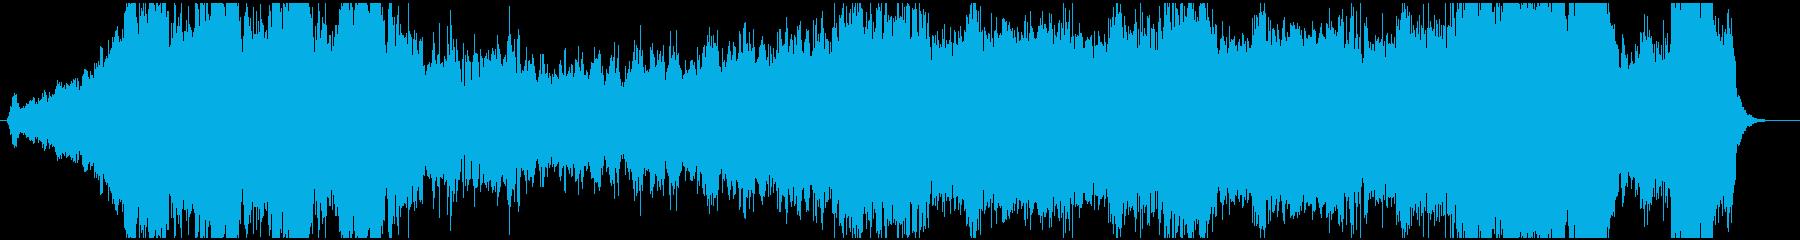 オーケストラによる新たな門出のための序曲の再生済みの波形